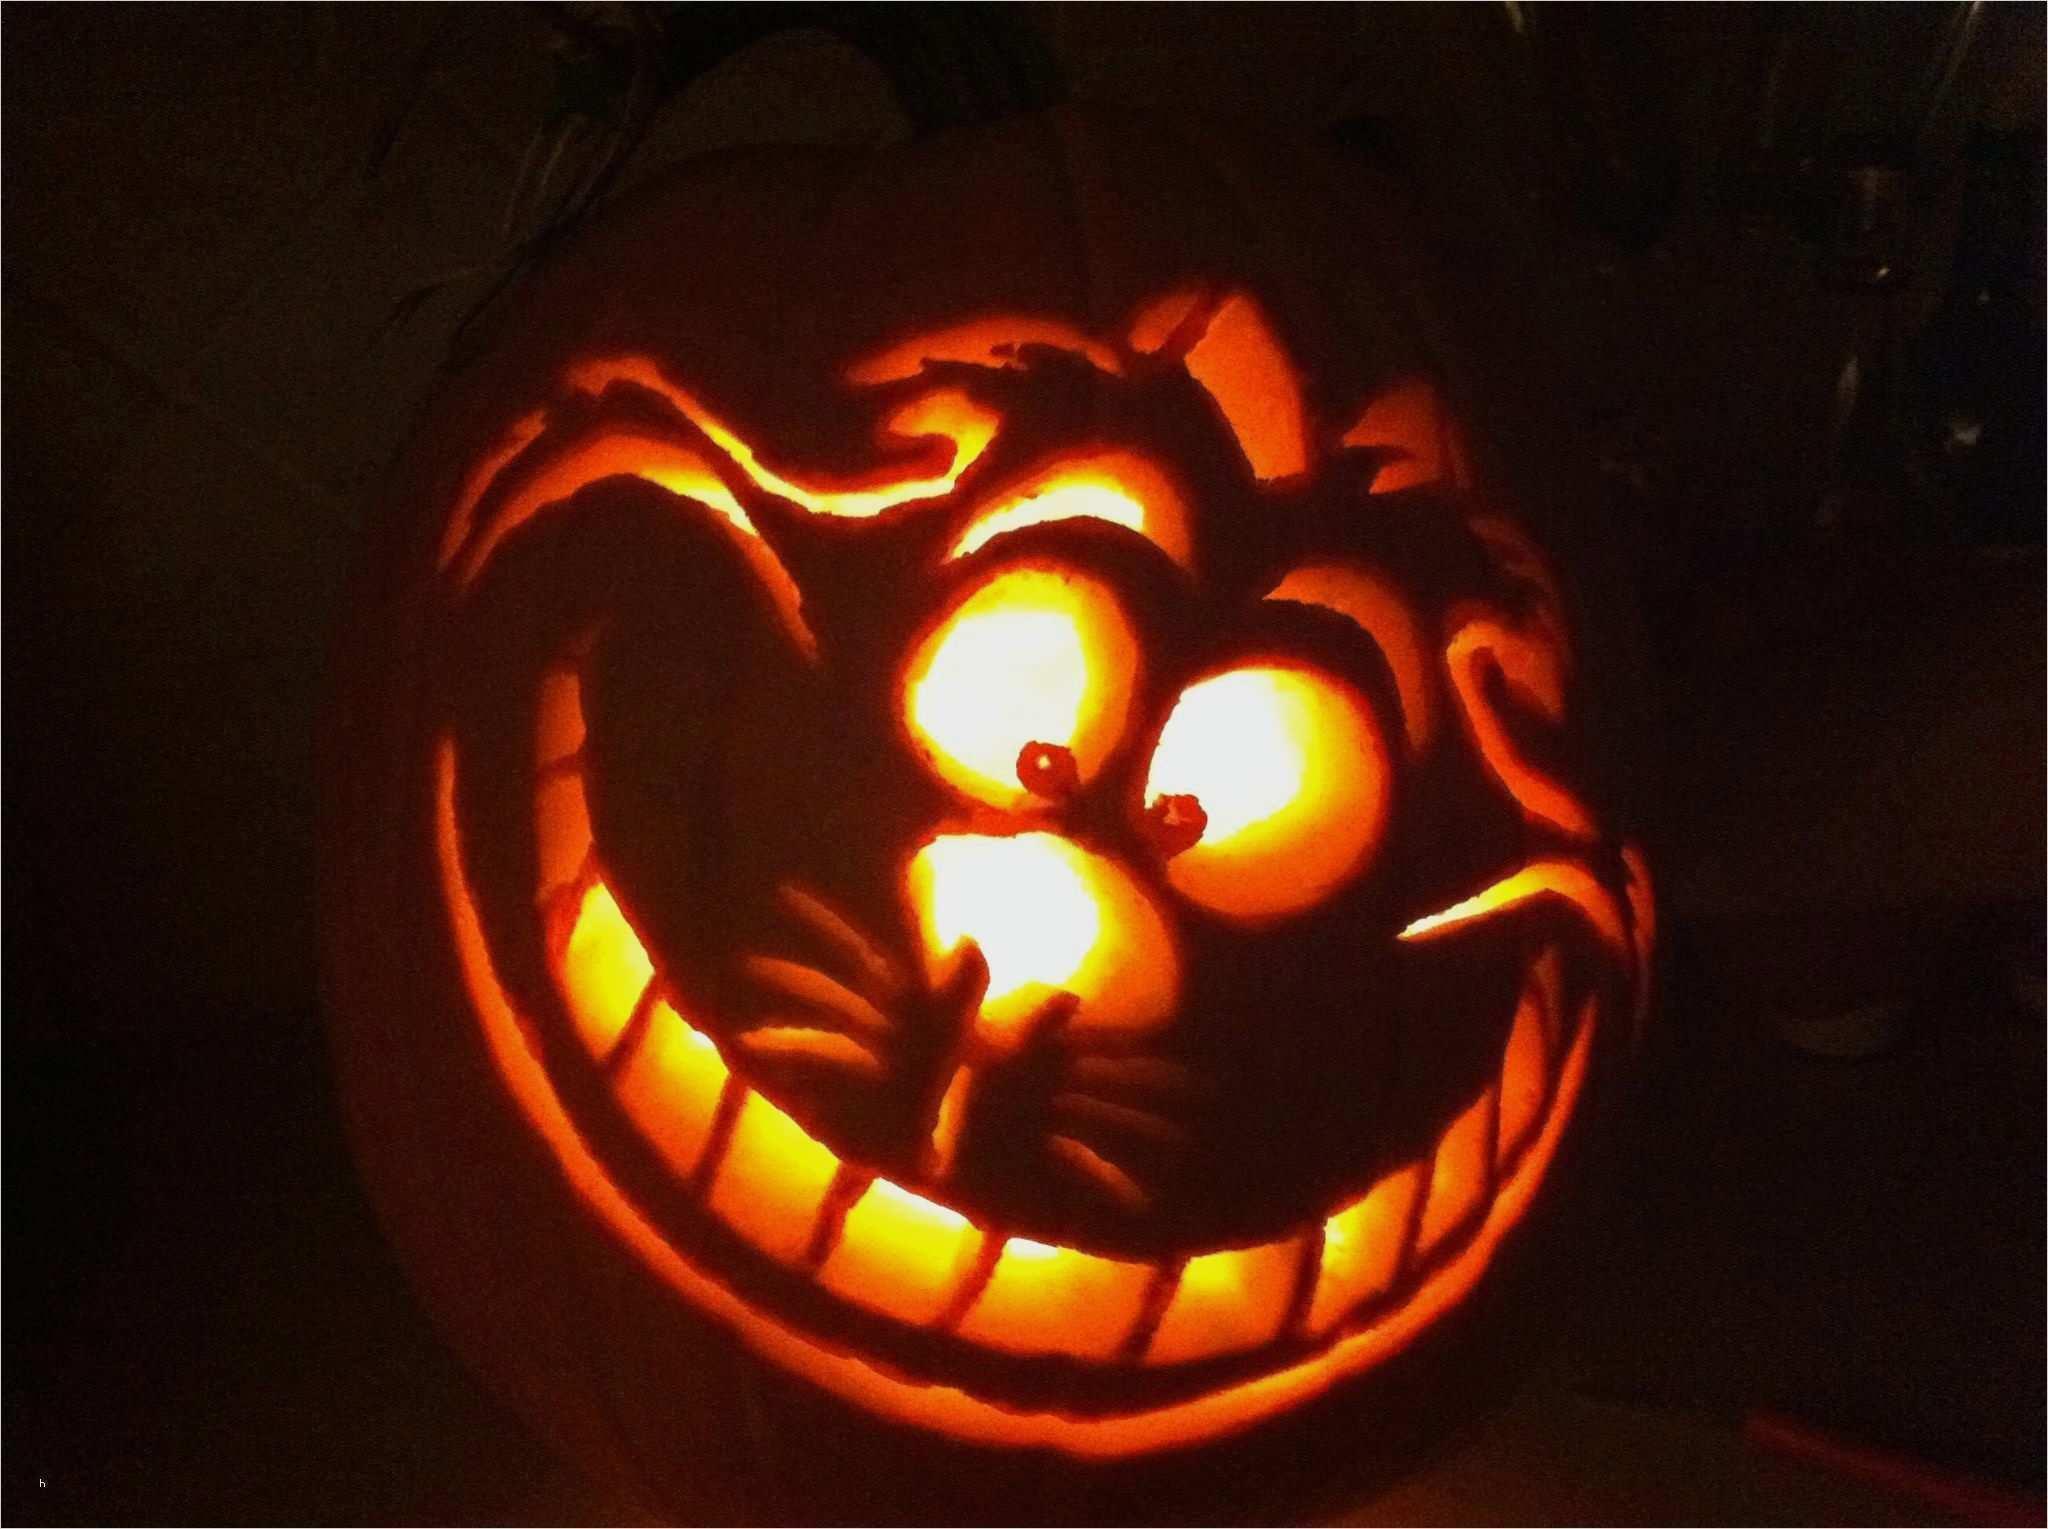 Grinsekatze Vorlage Kurbis 31 Genial Jene Konnen Anpassen Fur Ihre Motivation In 2020 Halloween Kurbis Schnitzvorlagen Halloween Kurbis Kurbisschnitzereien